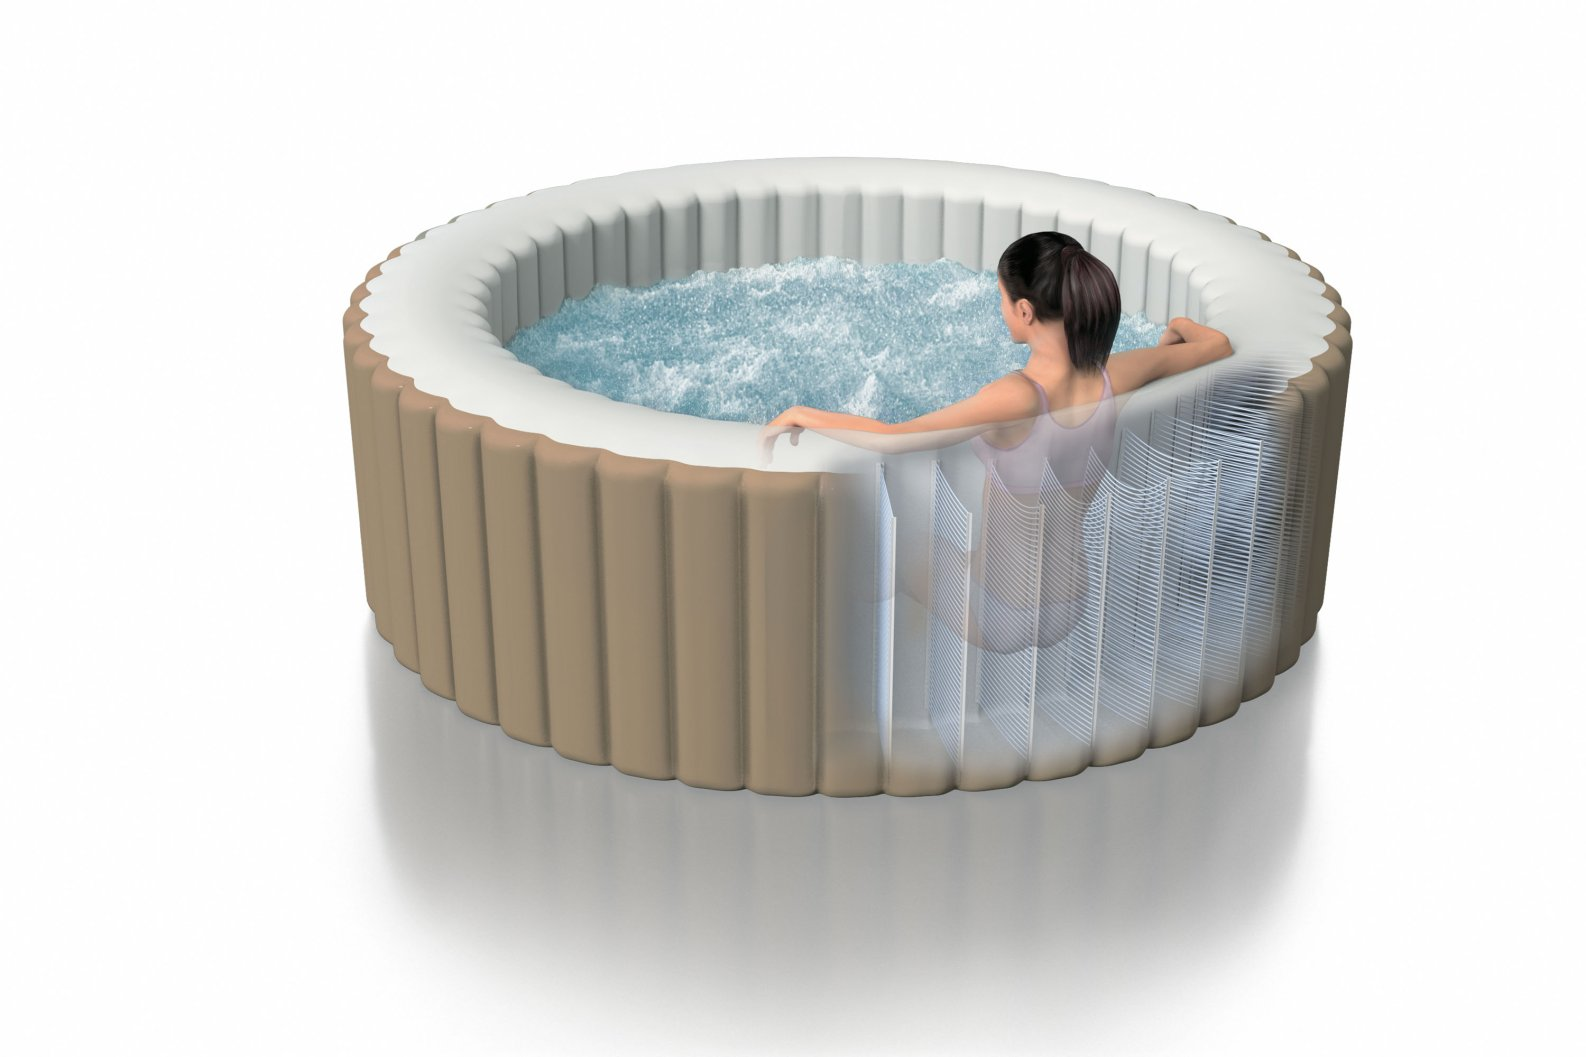 Intex 28404 piscina idromassaggio spa modello 28404 pure for Piscinas desmontables verdecora